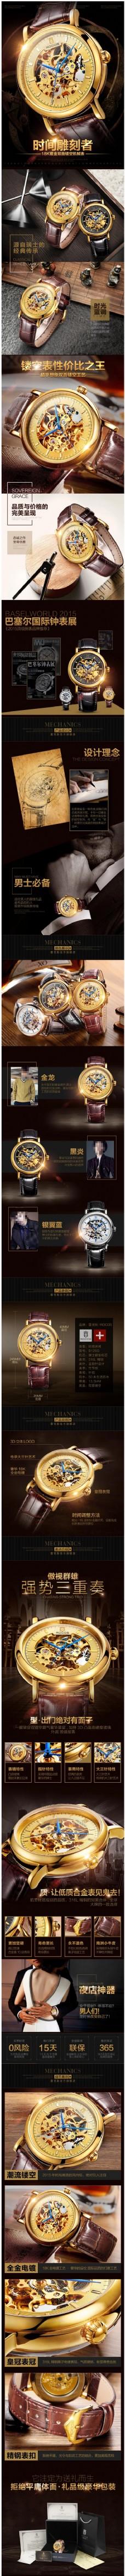 cvinner高级详情页设计手表尊贵